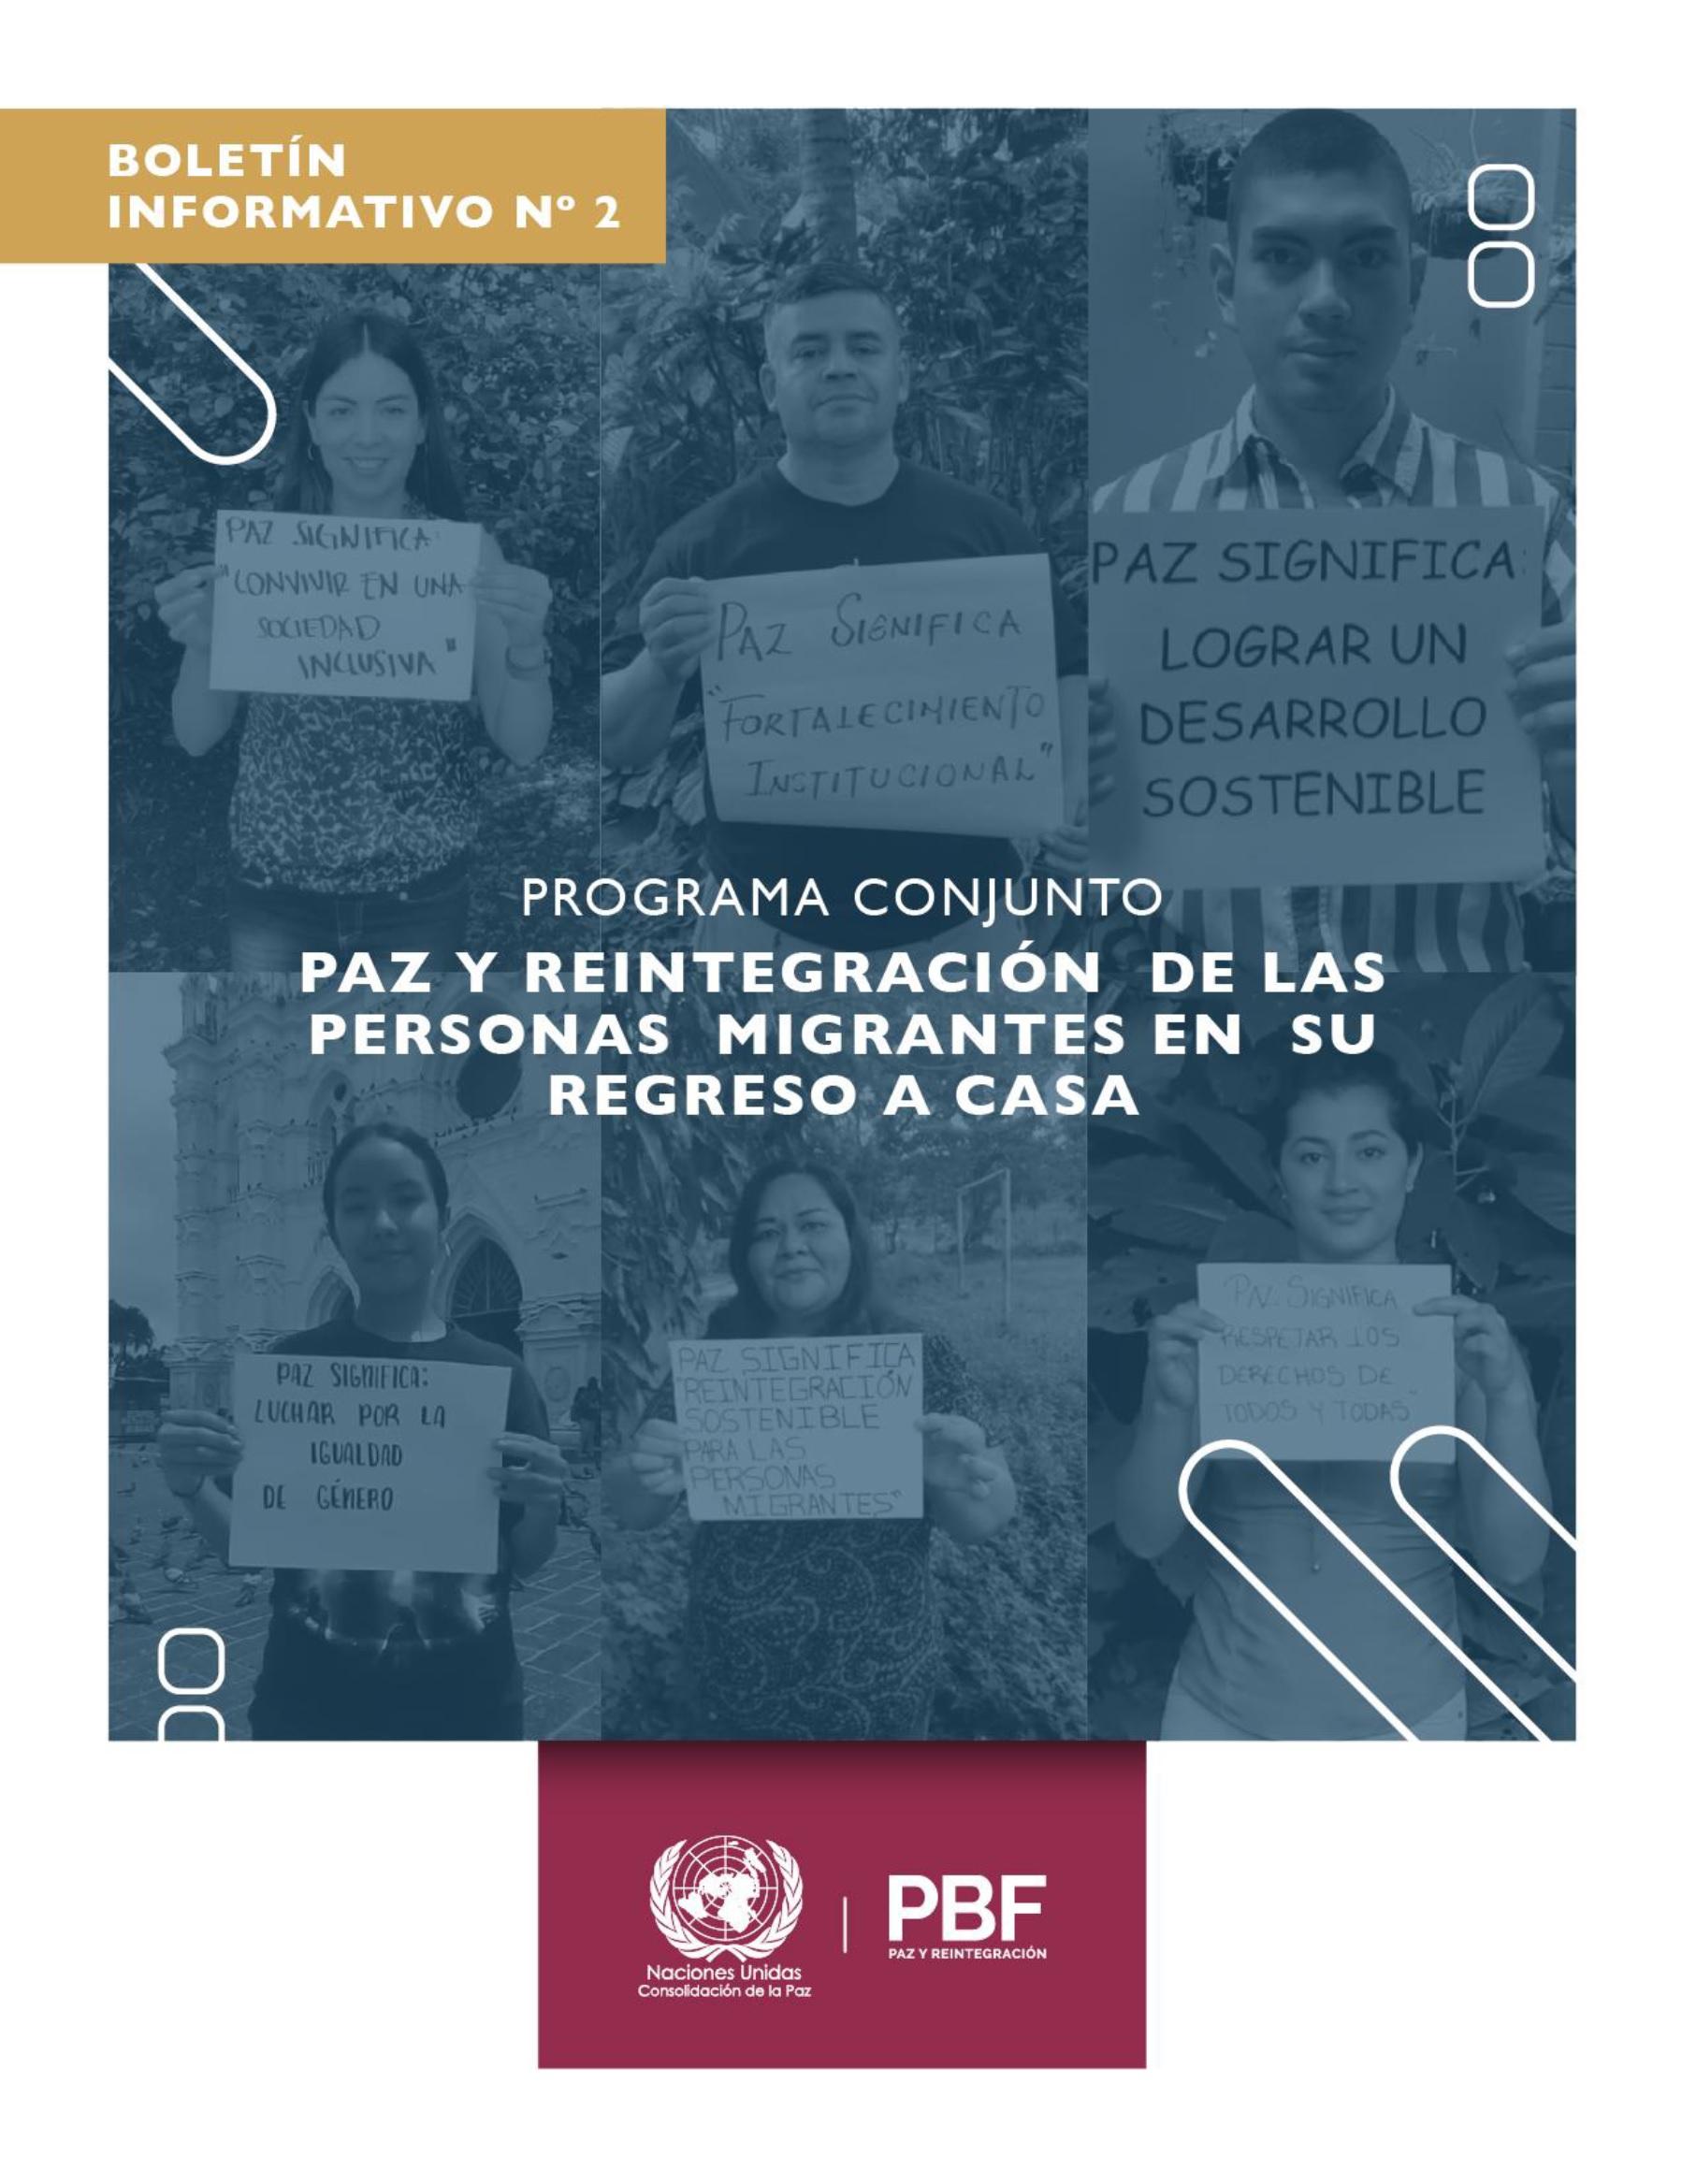 Boletín informativo No.2: programa conjunto Paz y reintegración de las personas migrantes en su regreso a casa